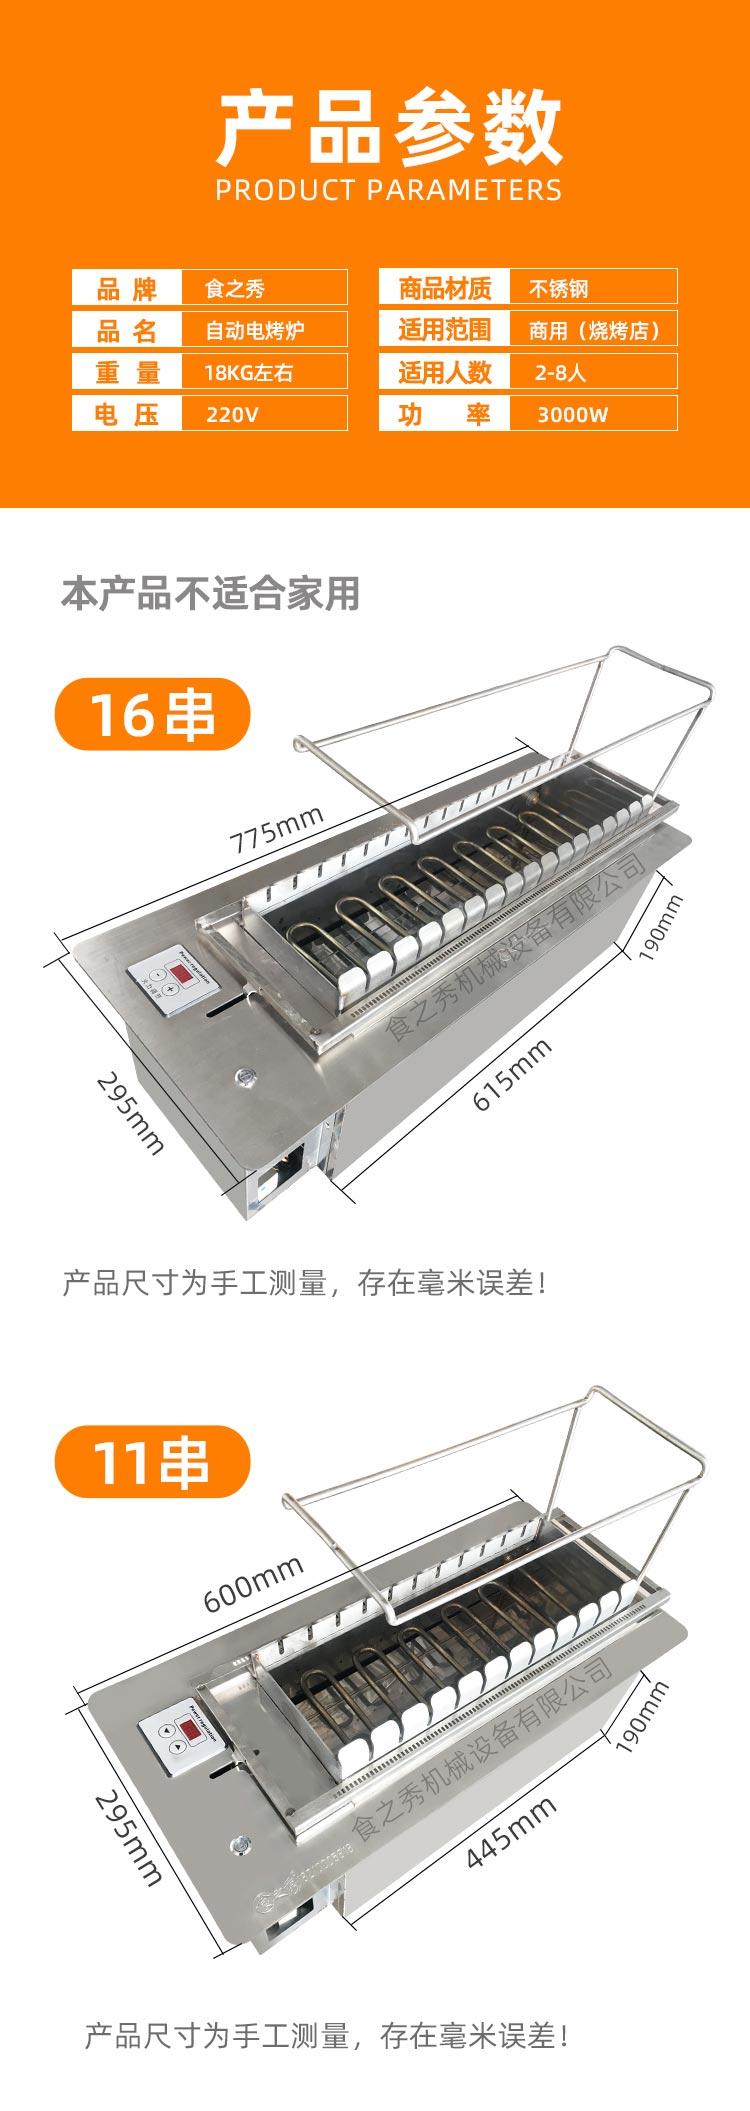 食之秀新款黑金管自动旋转电烤炉参数